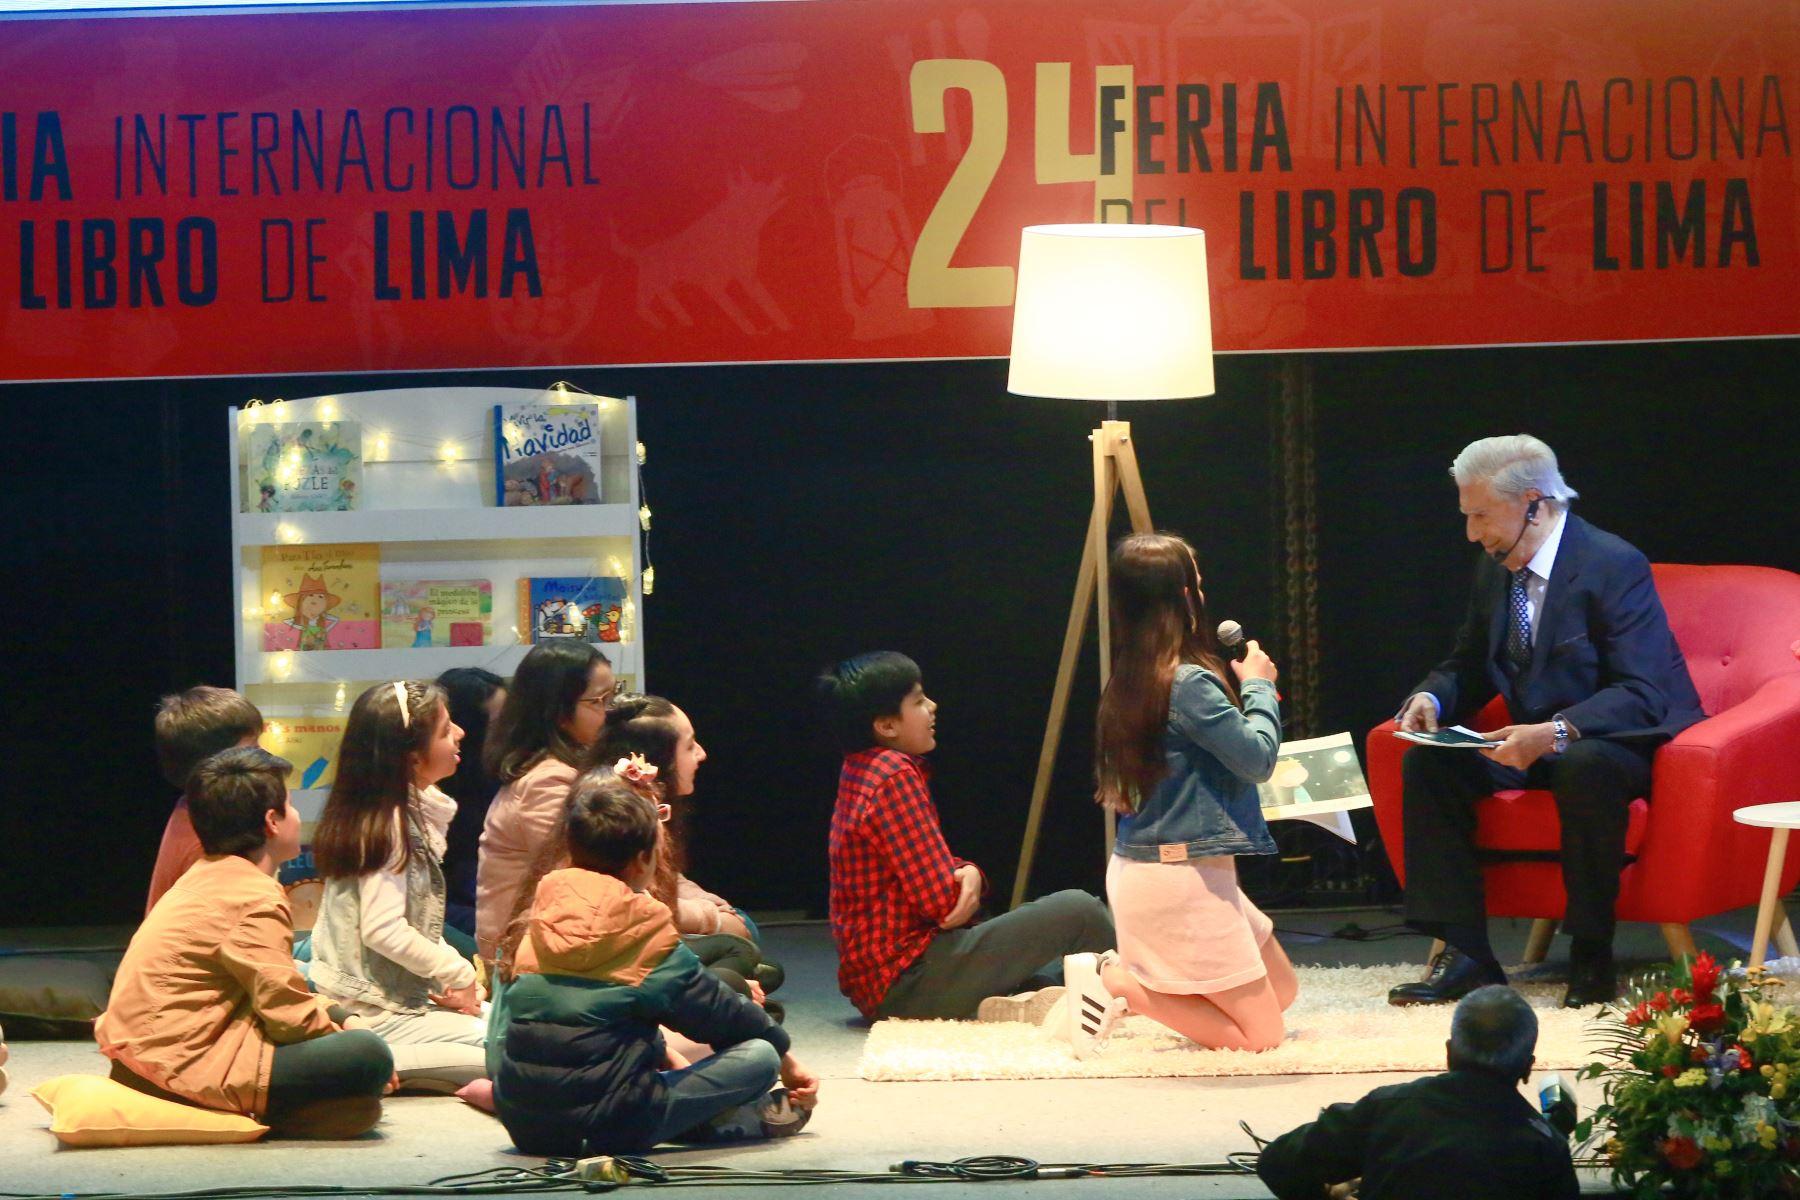 El escritor Mario Vargas Llosa compartió con niños la lectura de un cuento, donde disfrutaron la historia y realizaron preguntas al nobel de la literatura en la FIL.Foto:ANDINA/Pedro Cardenas